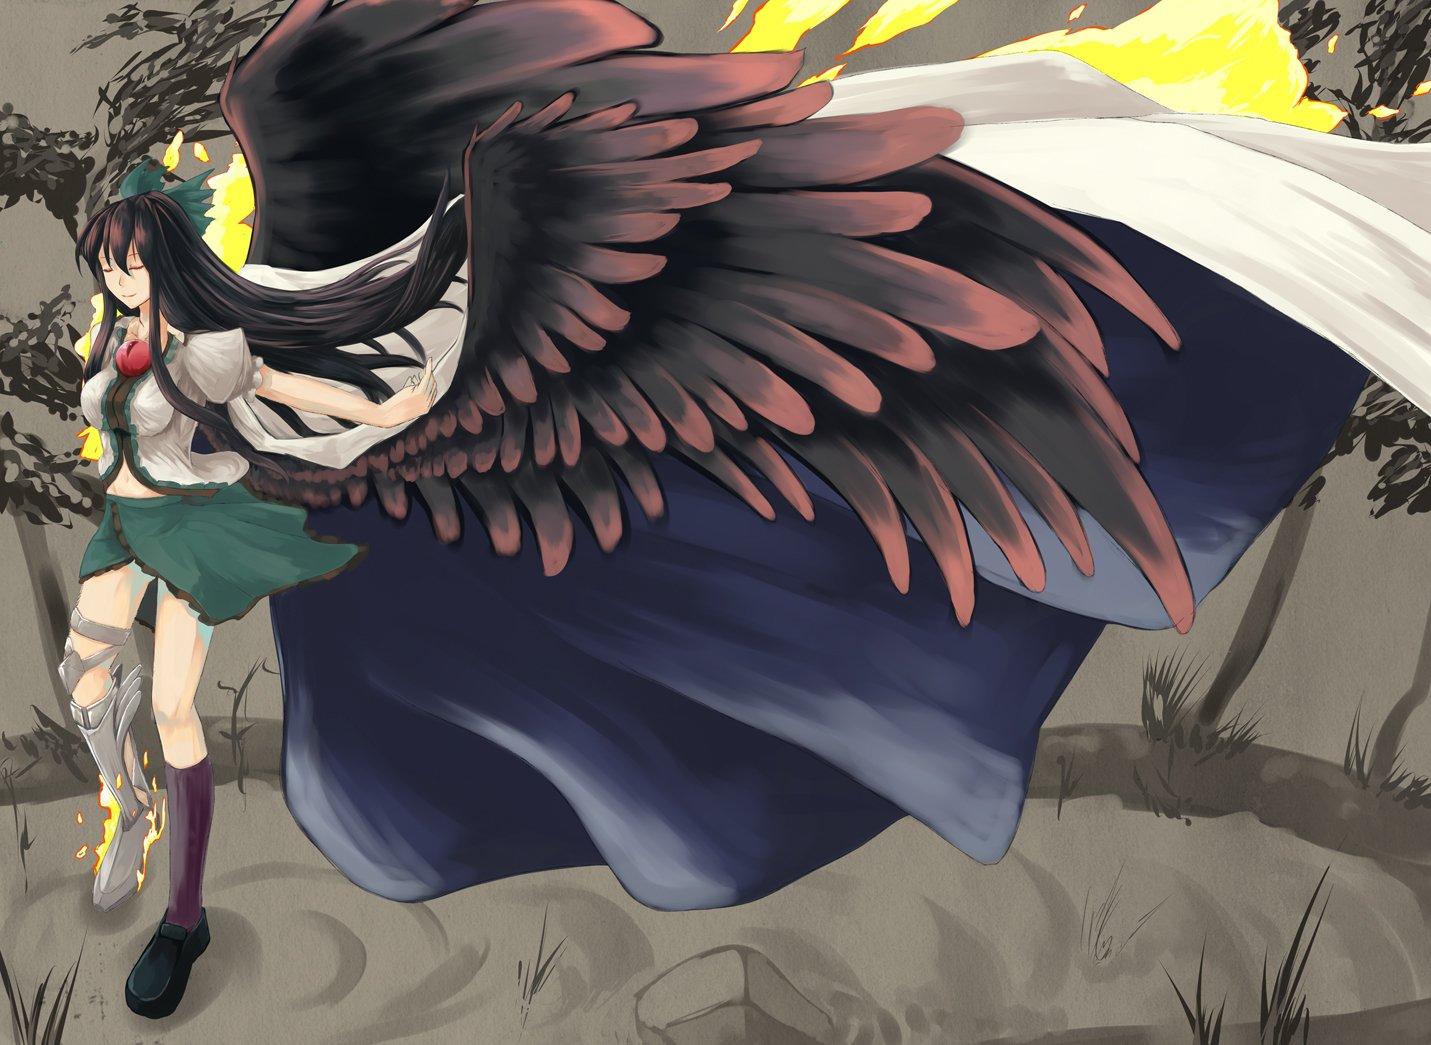 Anime - Touhou  Utsuho Reiuji Wallpaper